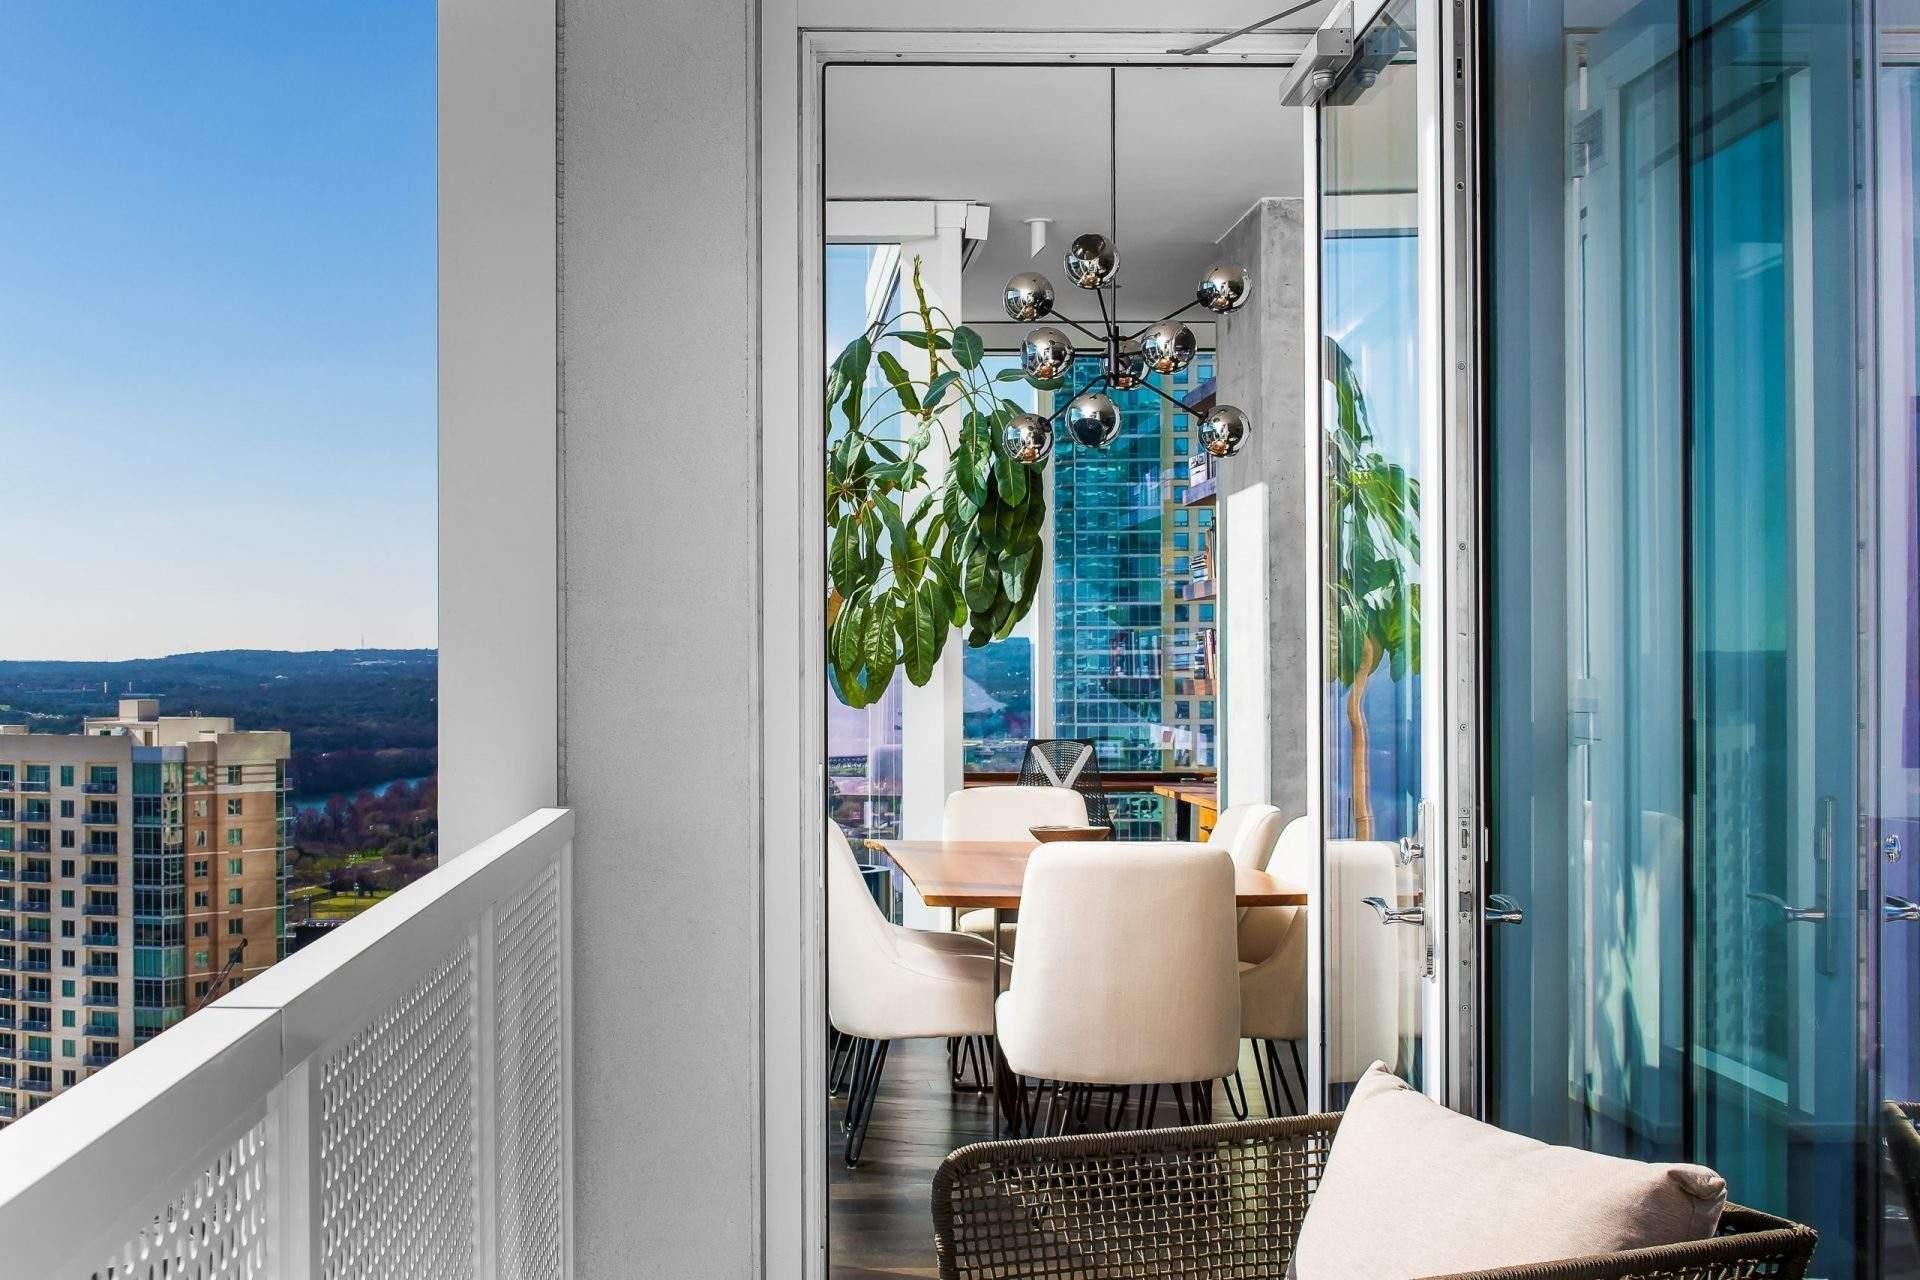 Interior Design, Dining Patio, Etch Interior Design, Austin, Texas